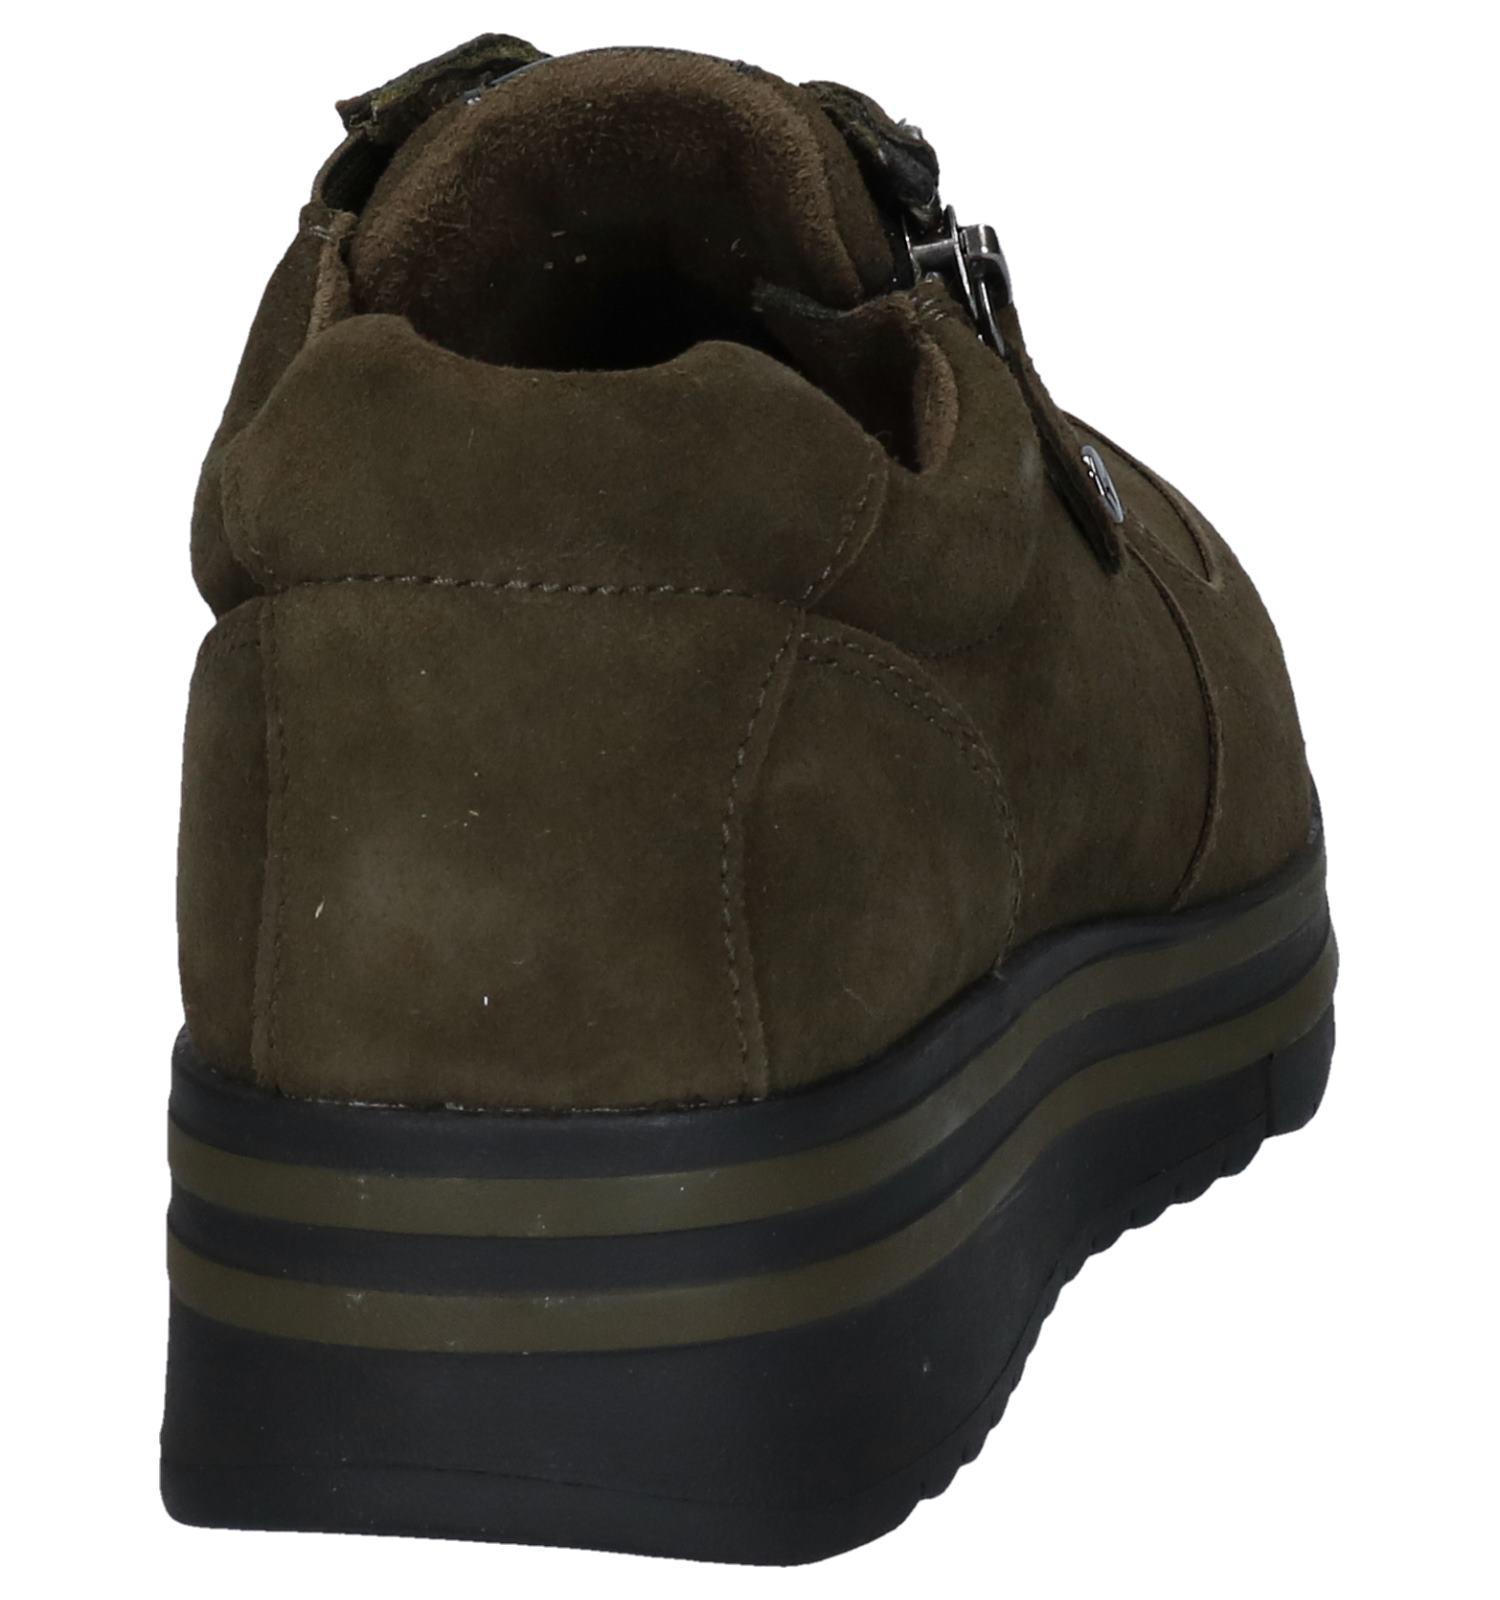 Tamaris Et Chaussures Lacets KakiTorfs À be En Vert Livraison k0OP8nwX